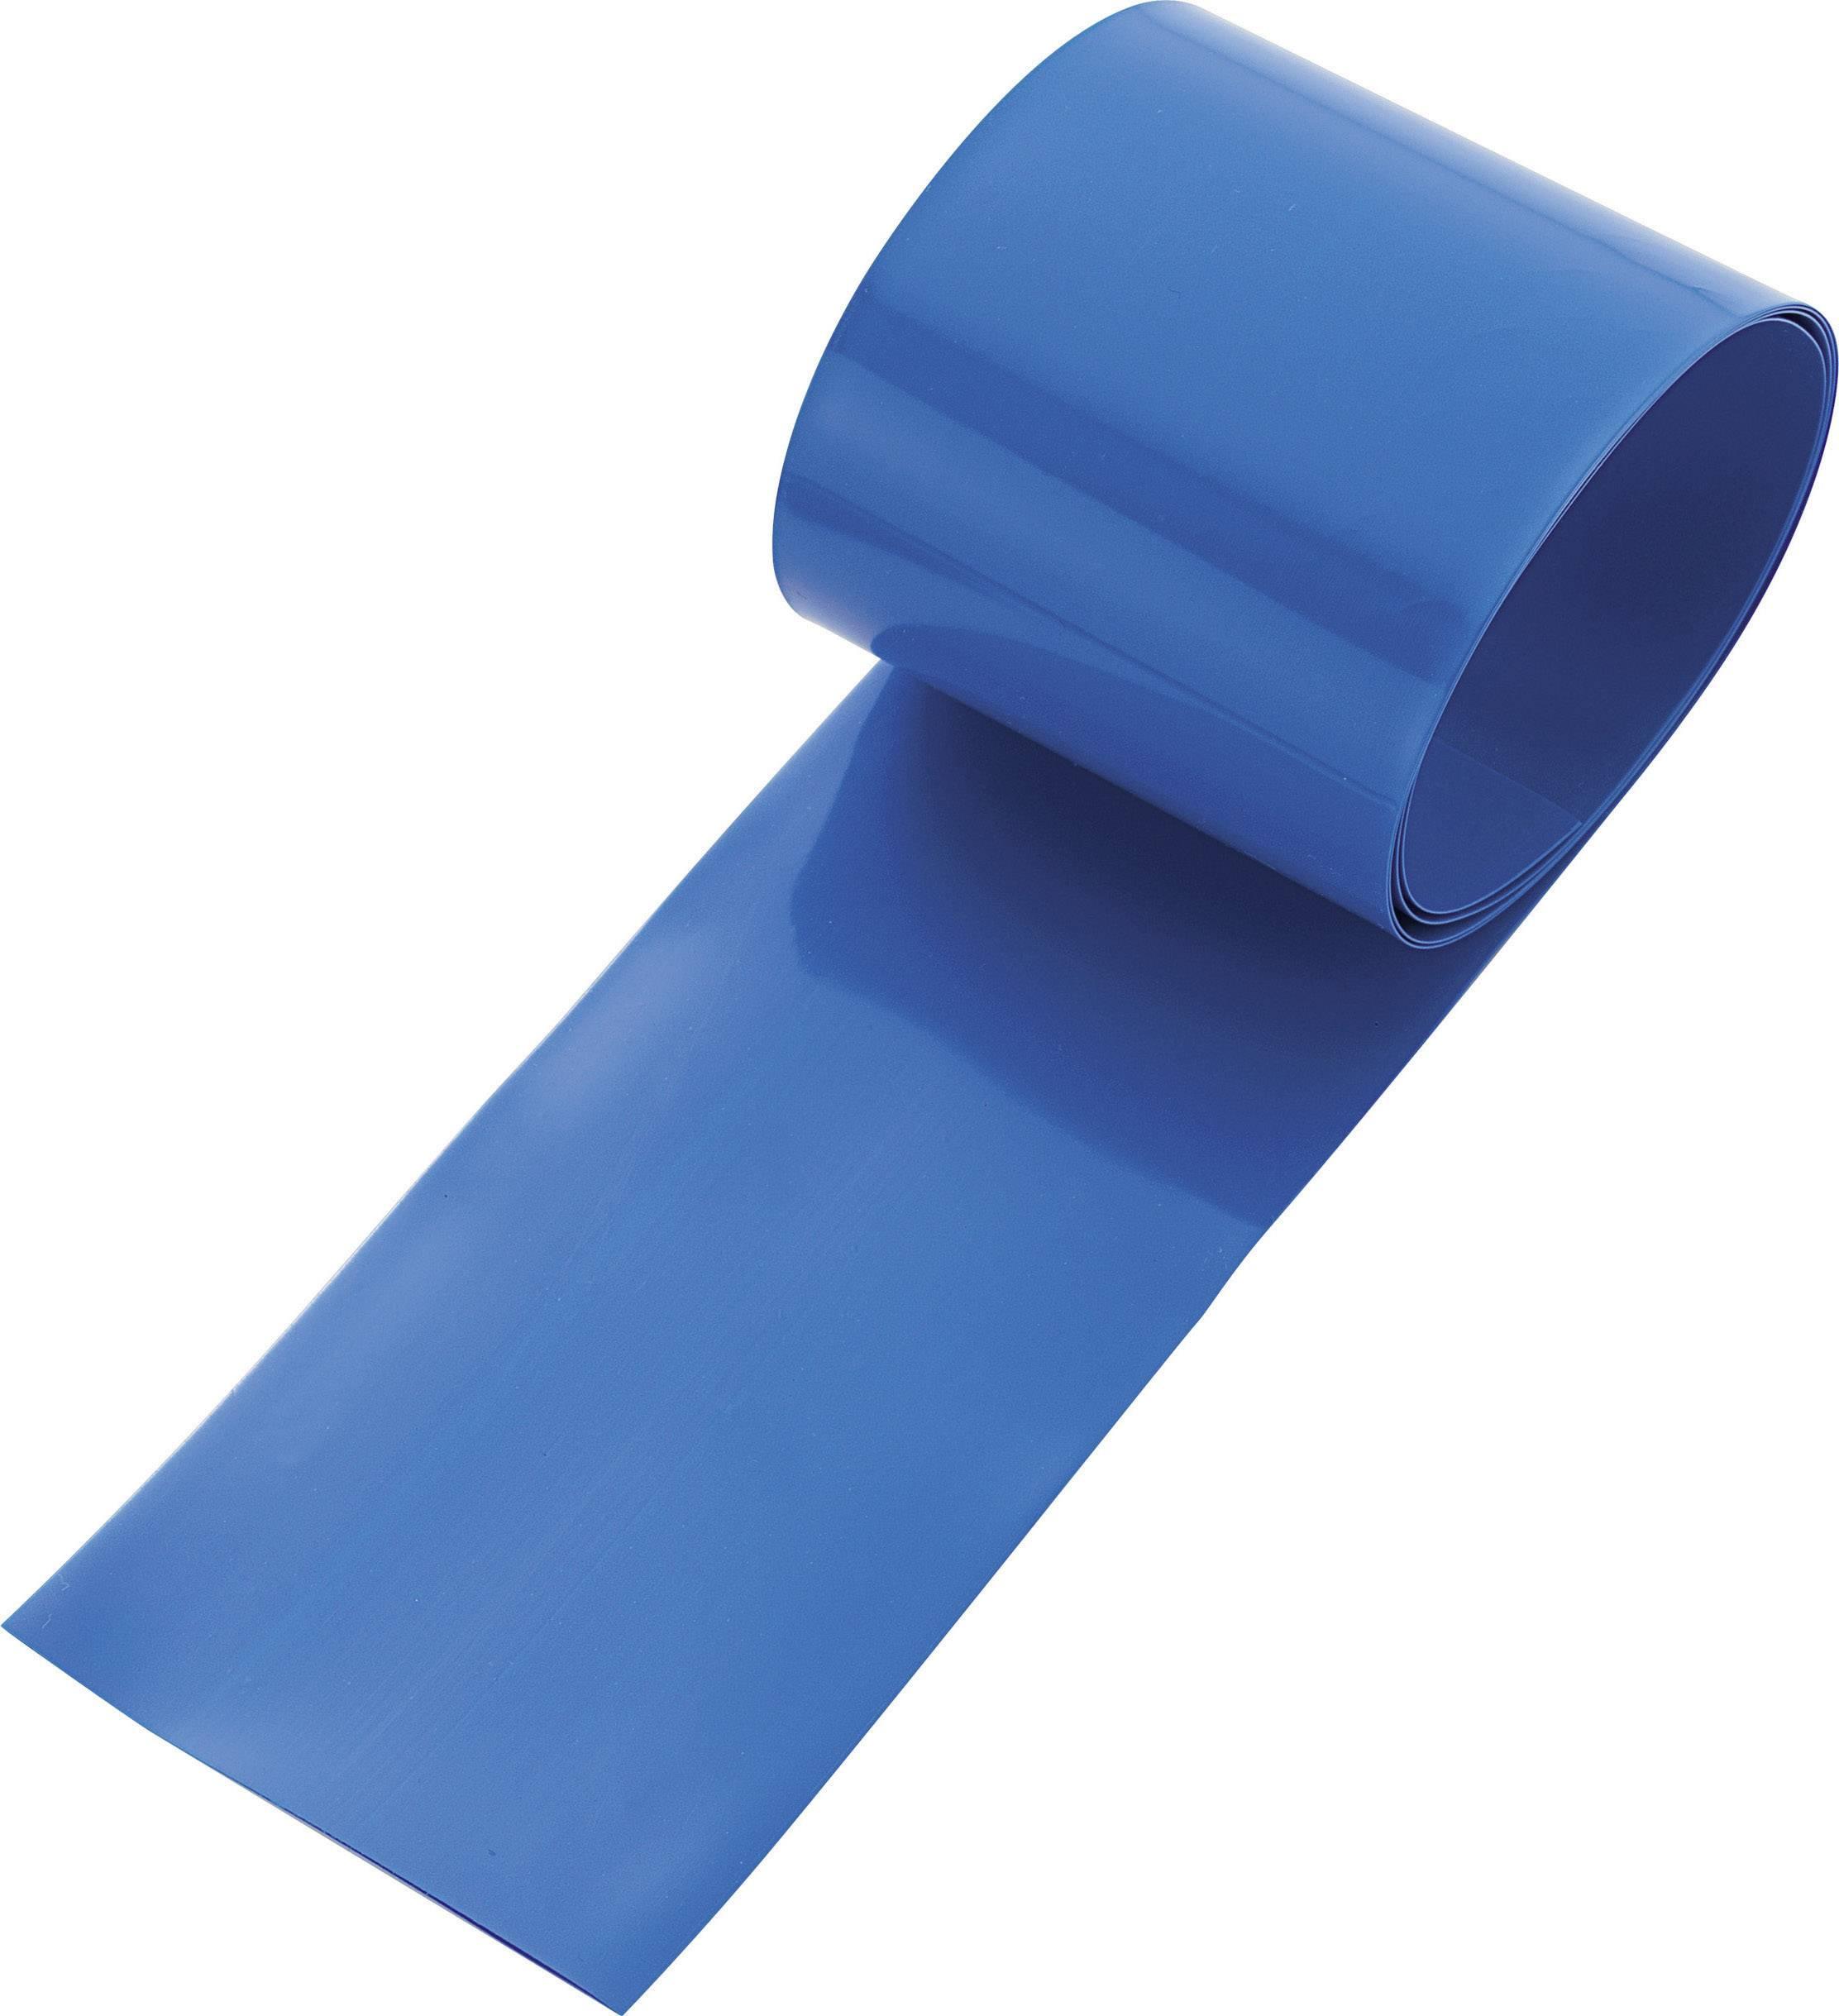 Smršťovací bužírka na akumulátory, bez lepidla TRU COMPONENTS 93014c88d, 55 mm, modrá, 1 ks